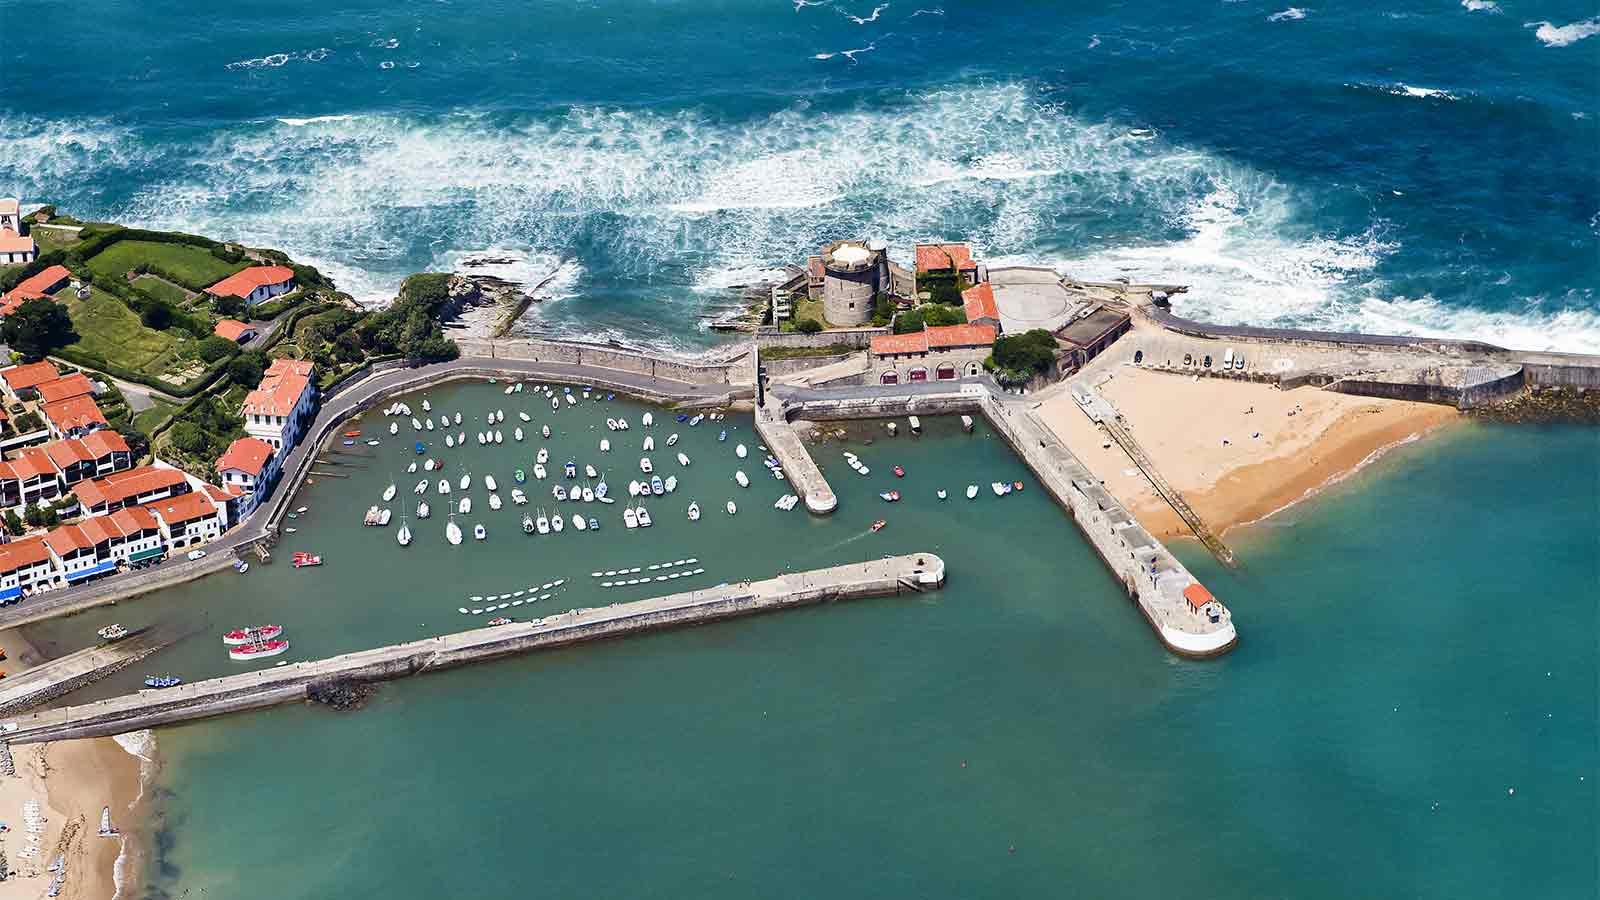 Le fort de socoa visiter le fort de socoa tourisme pays basque - Linge basque st jean de luz ...